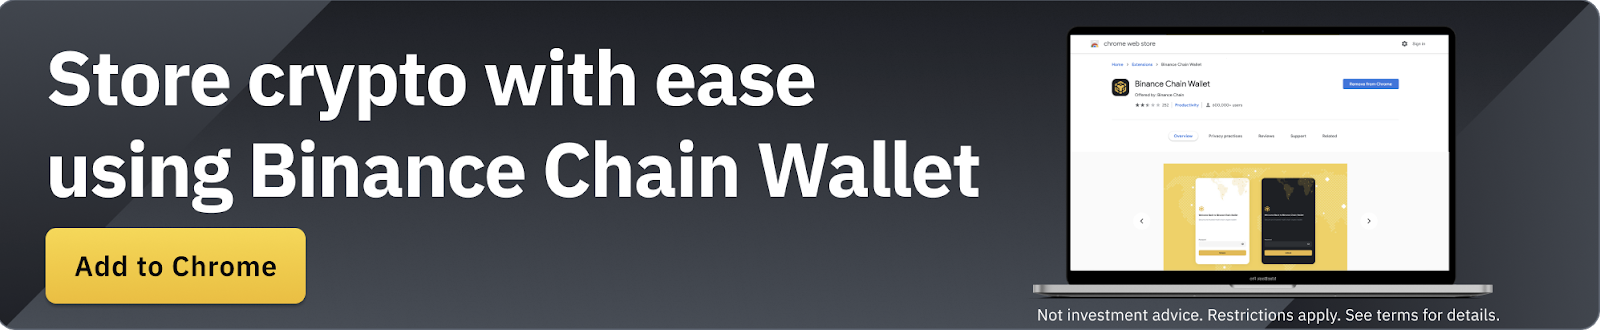 binance-chain-wallet-cta1